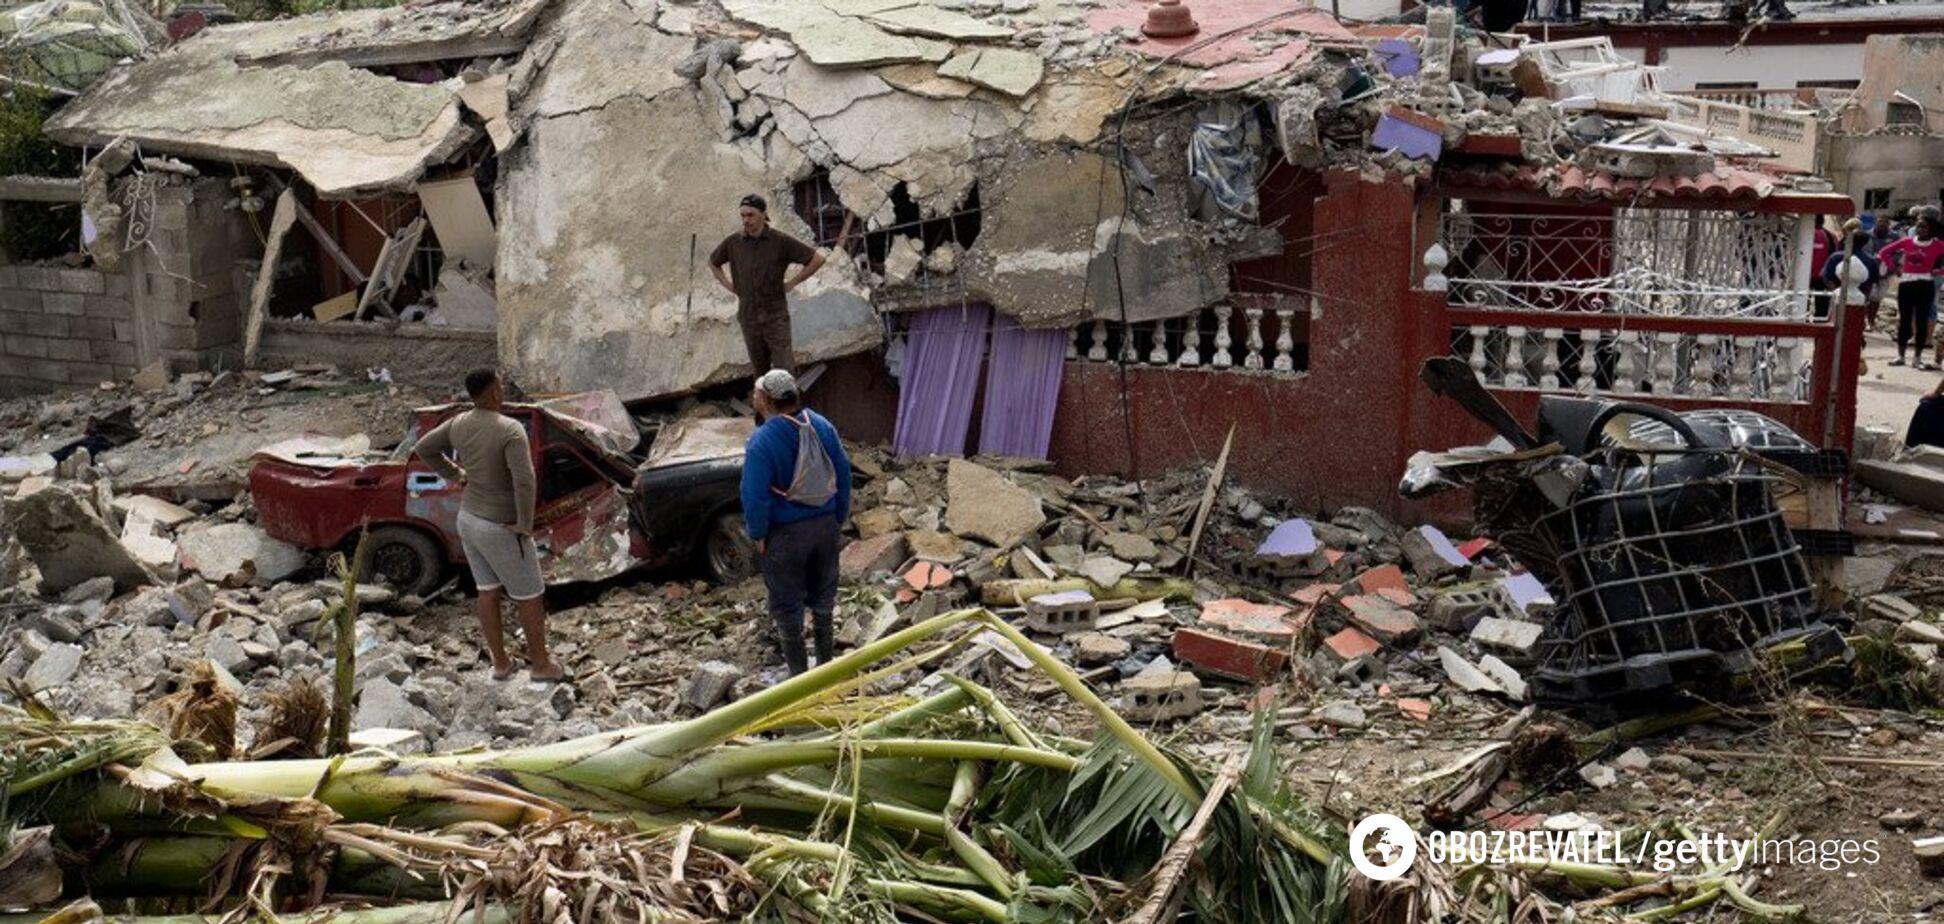 'Як у фільмах жахів': смертельний торнадо зруйнував столицю Куби. Фото й відео наслідків